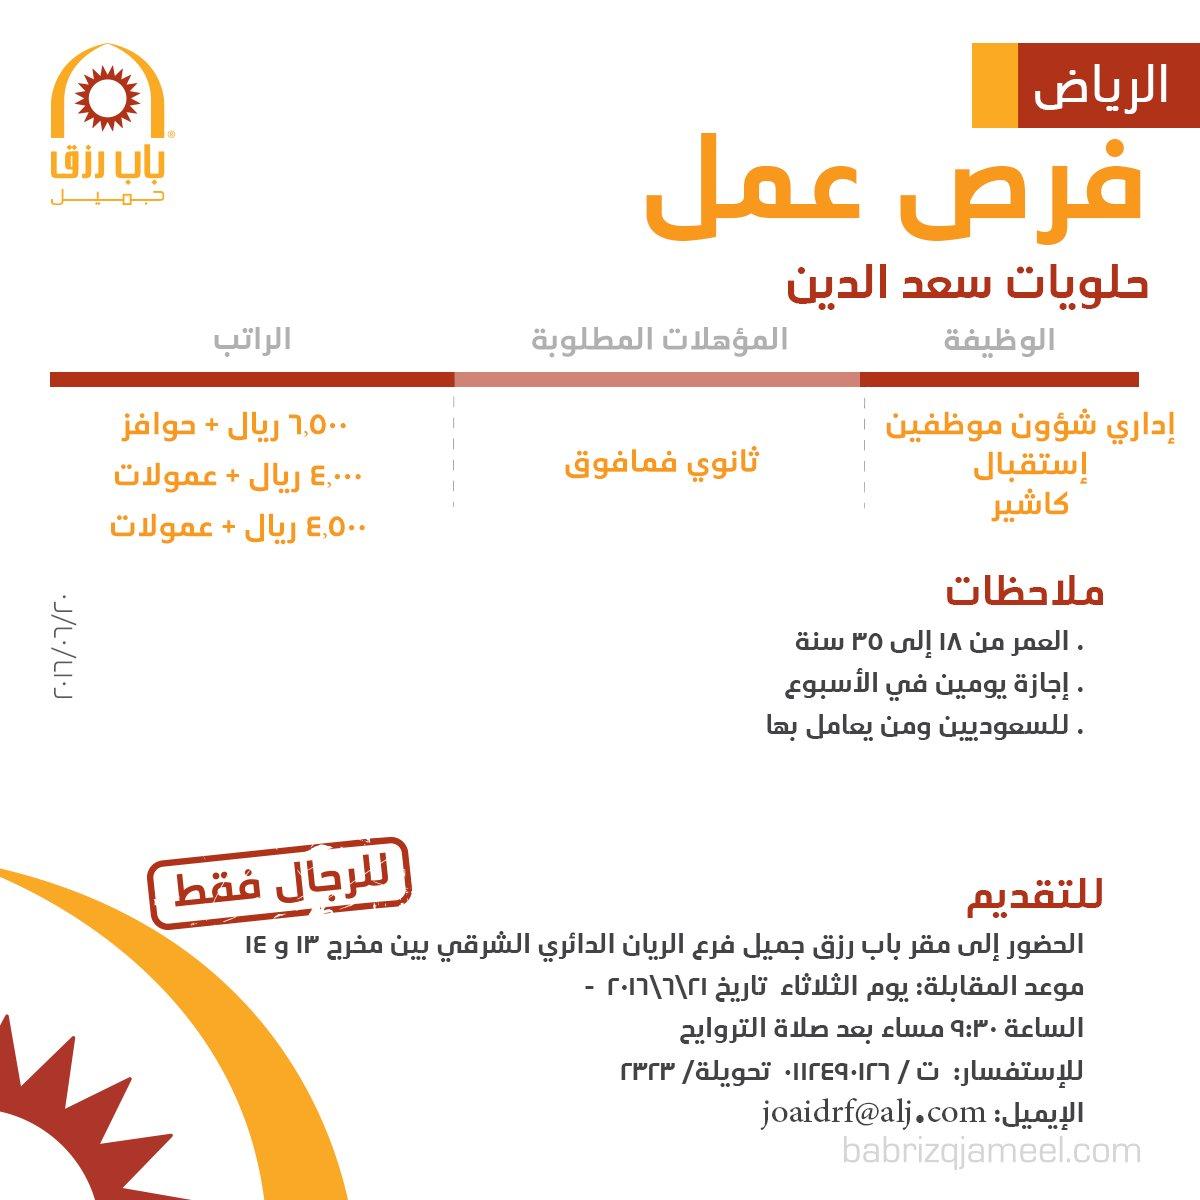 غدا الثلاثاء التقديم على وظائف في حلويات سعد الدين - الرياض